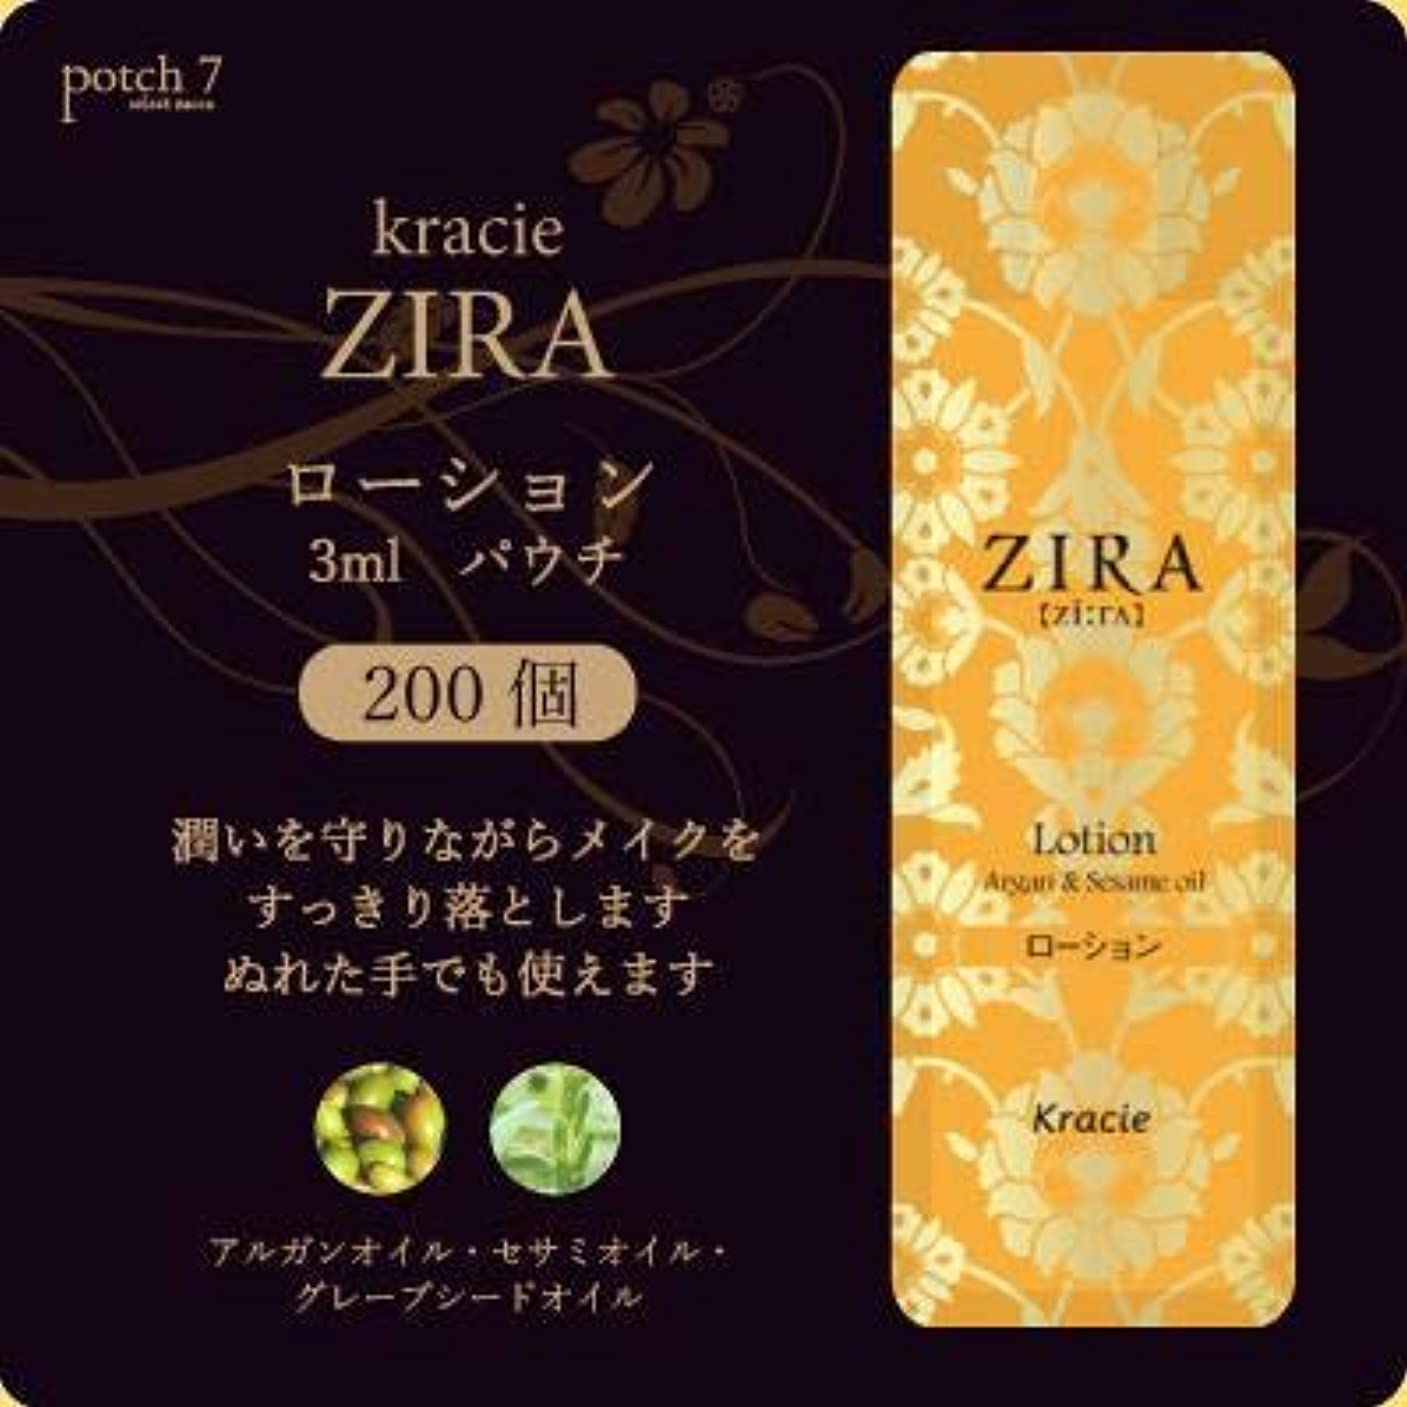 文明化するブレース好戦的なKracie クラシエ ZIRA ジーラ ローション 化粧水 パウチ 3ml 200個入